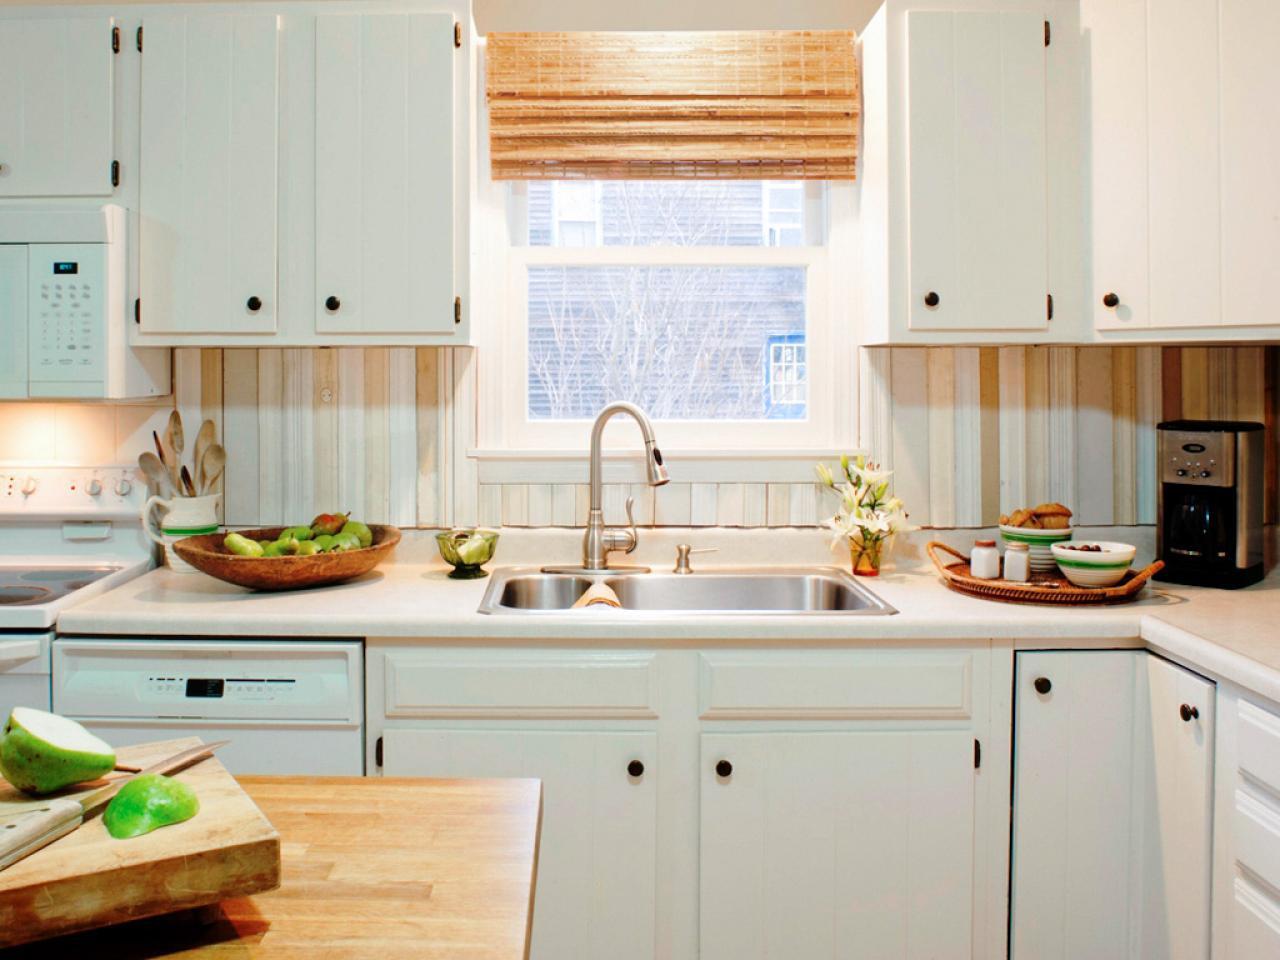 Do It Yourself DIY Kitchen Backsplash Ideas HGTV Pictures HGTV 1280x960